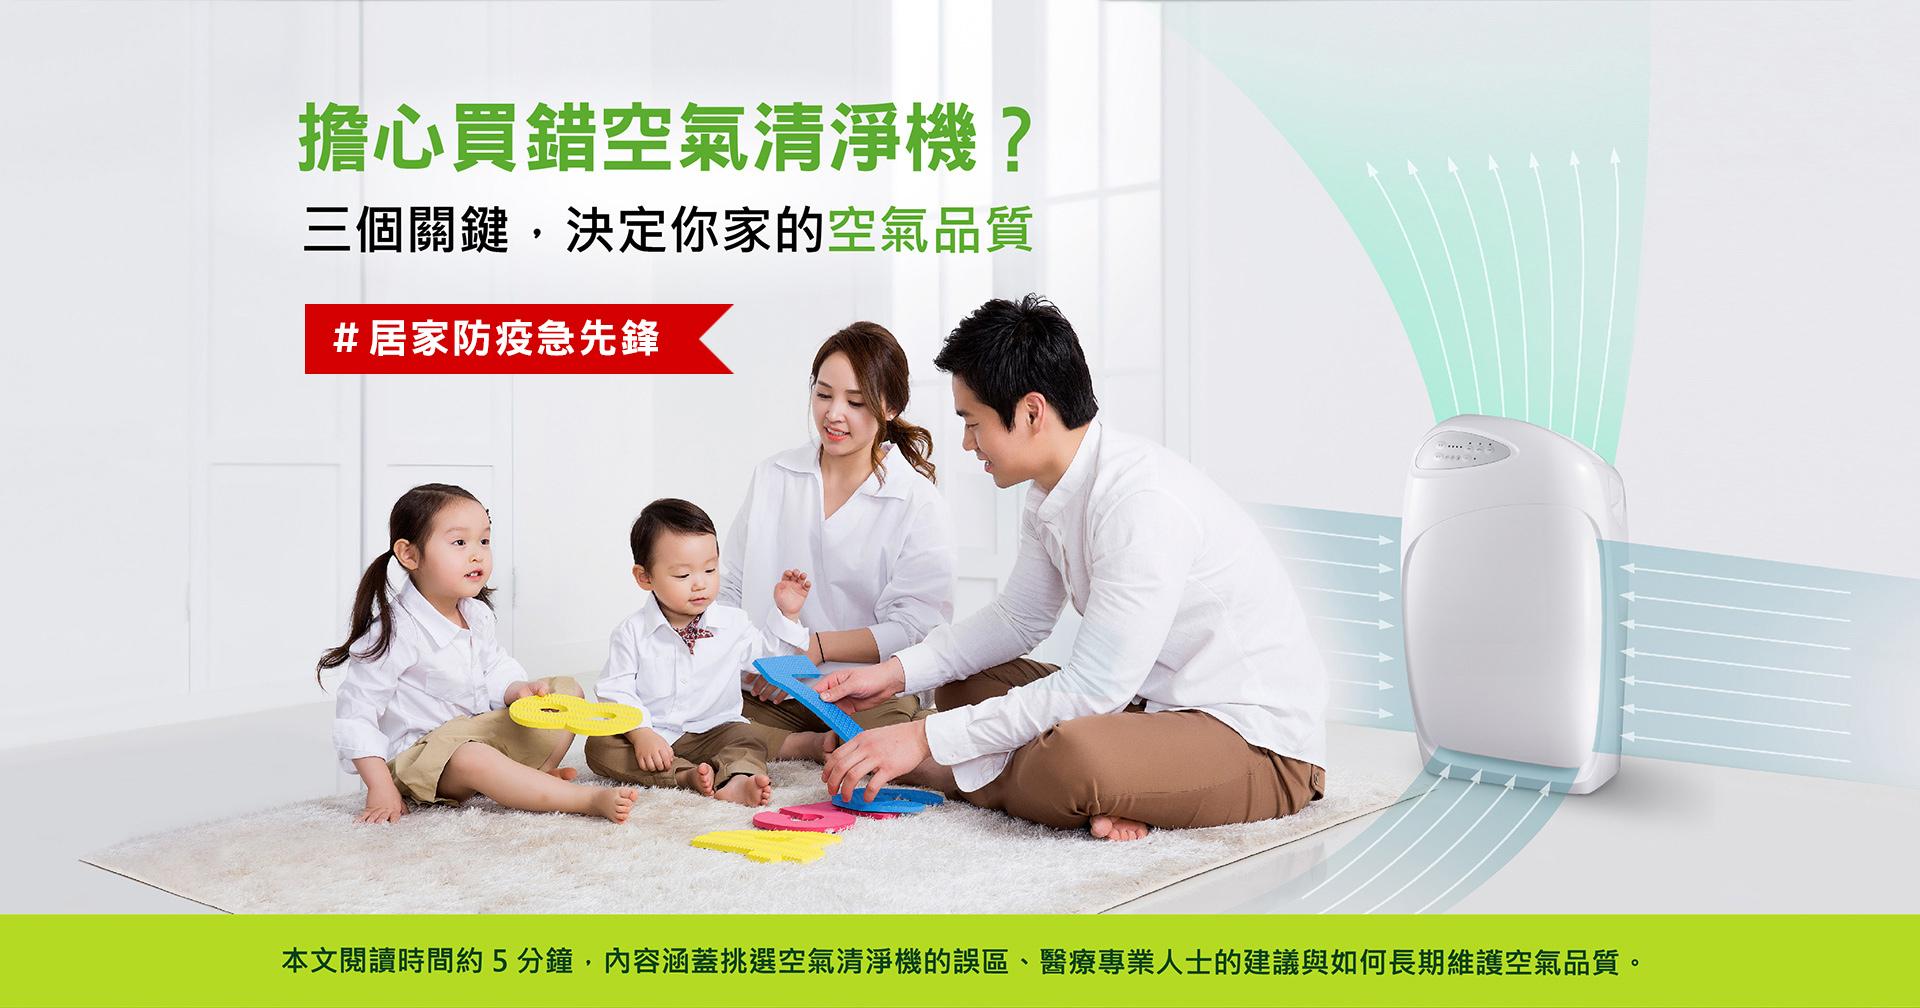 切圖_克立淨-20200206-PC-01_01